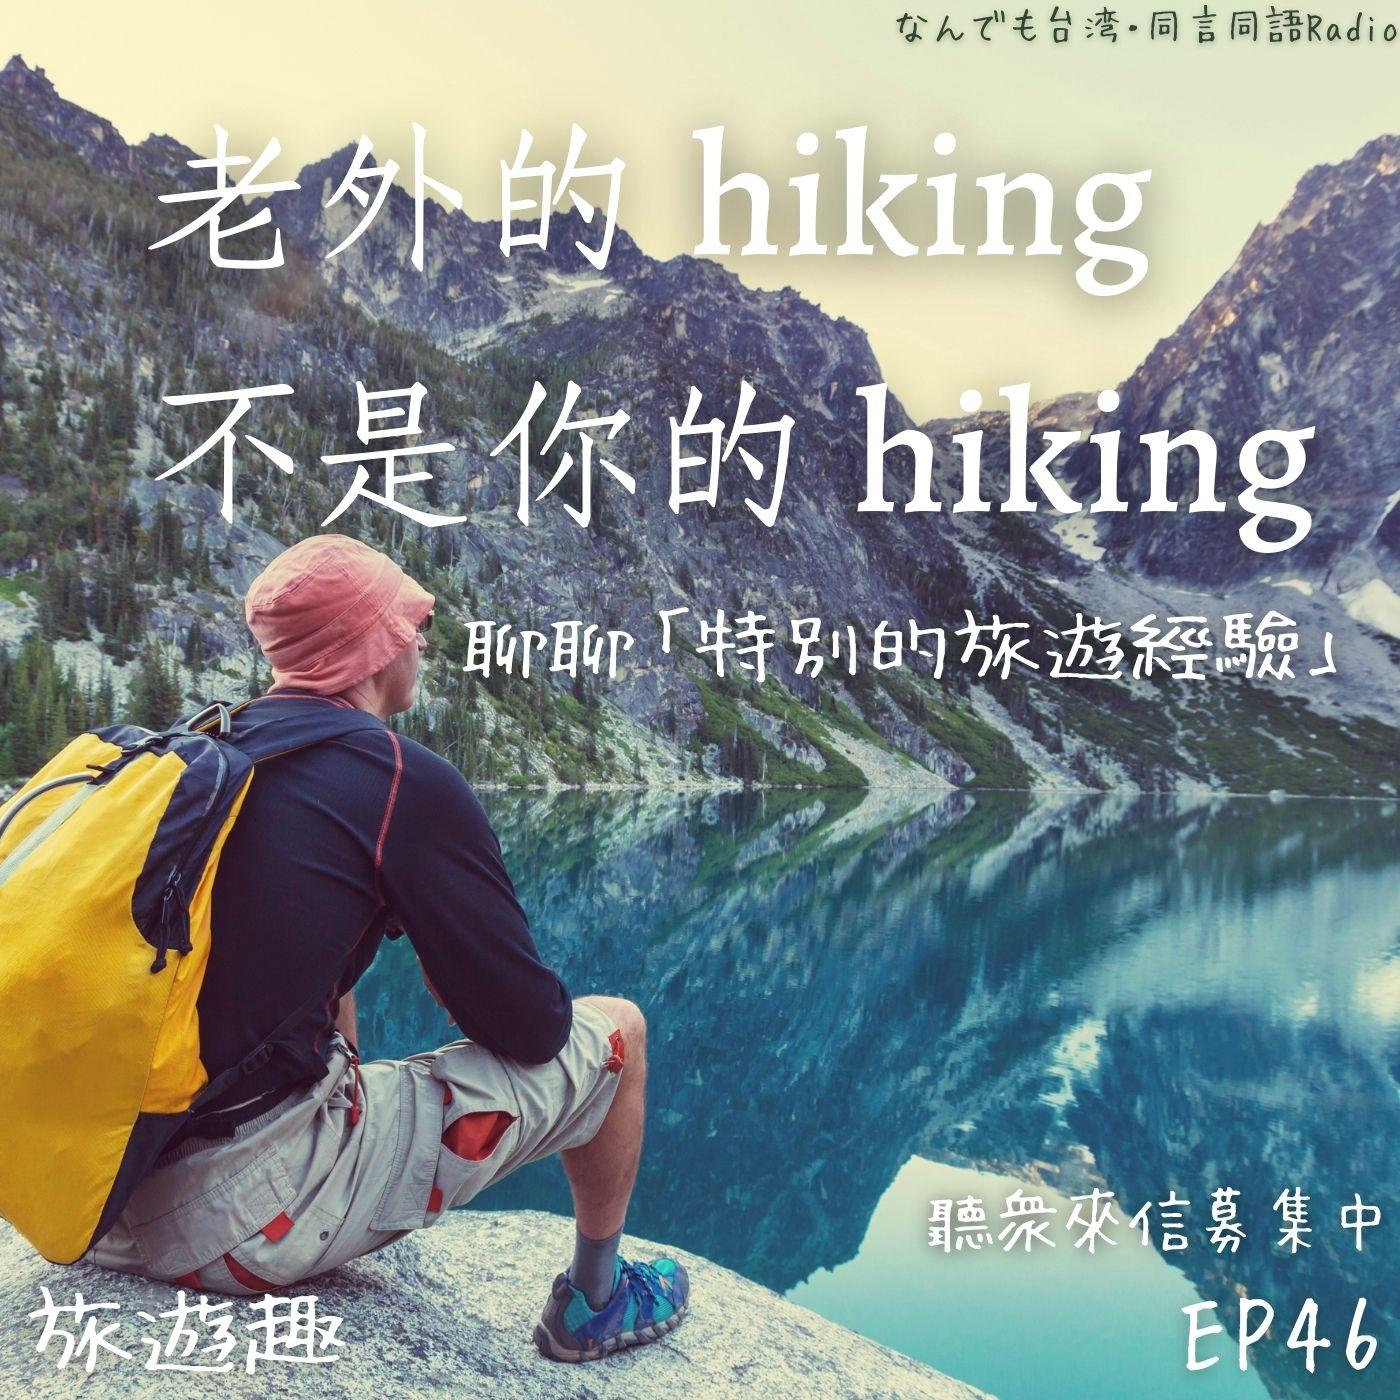 EP46 - (CH)【旅遊趣】老外的hiking不是你的hiking(特別的旅遊經驗)